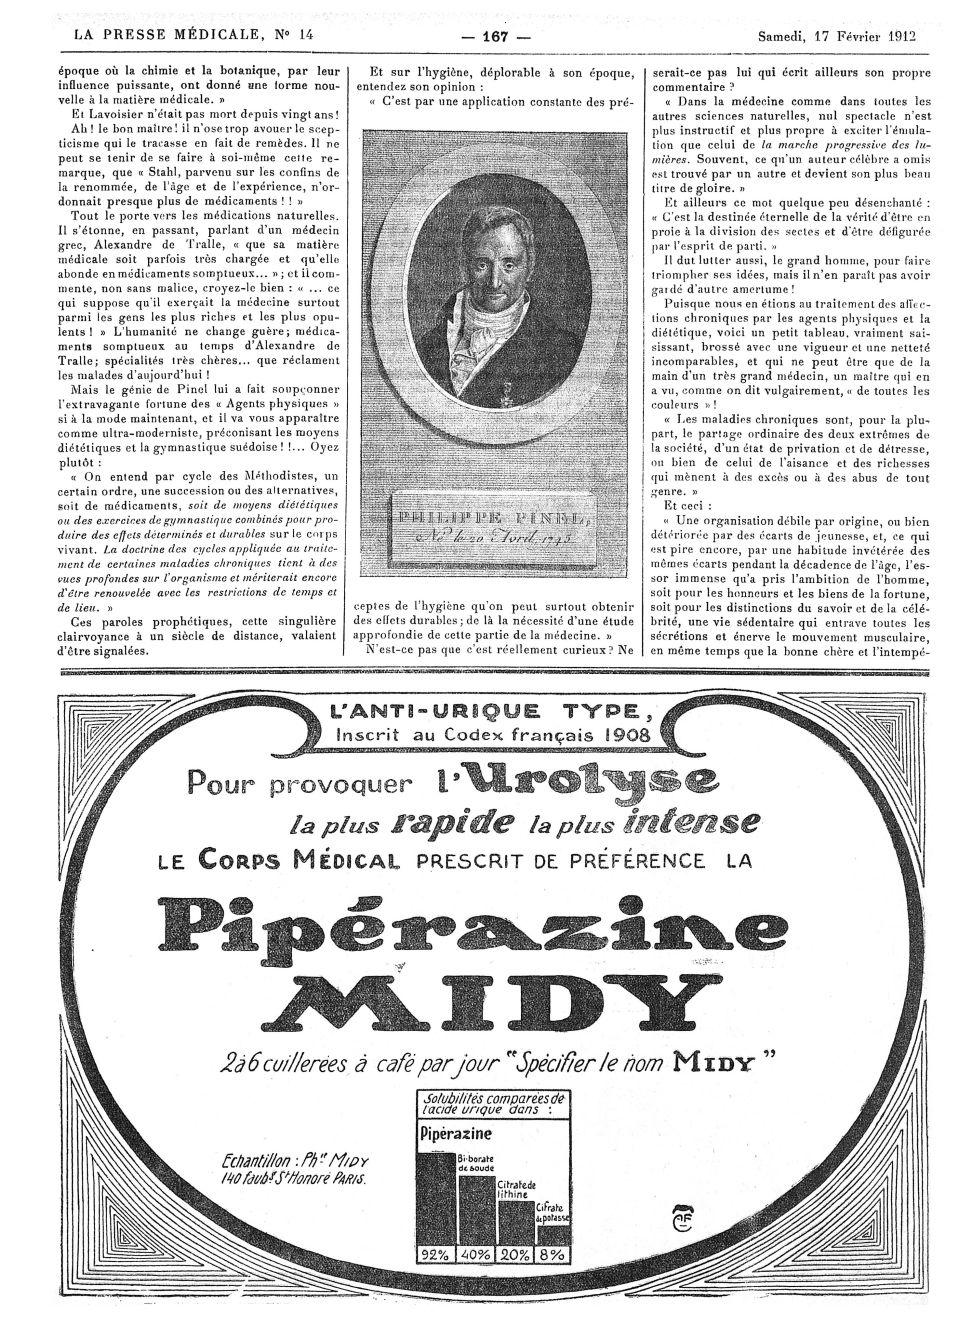 Philippe Pinel, Né le 20 Avril 1745 - La Presse médicale - [Volume d'annexes] -  - med100000x1912xannexesx0167